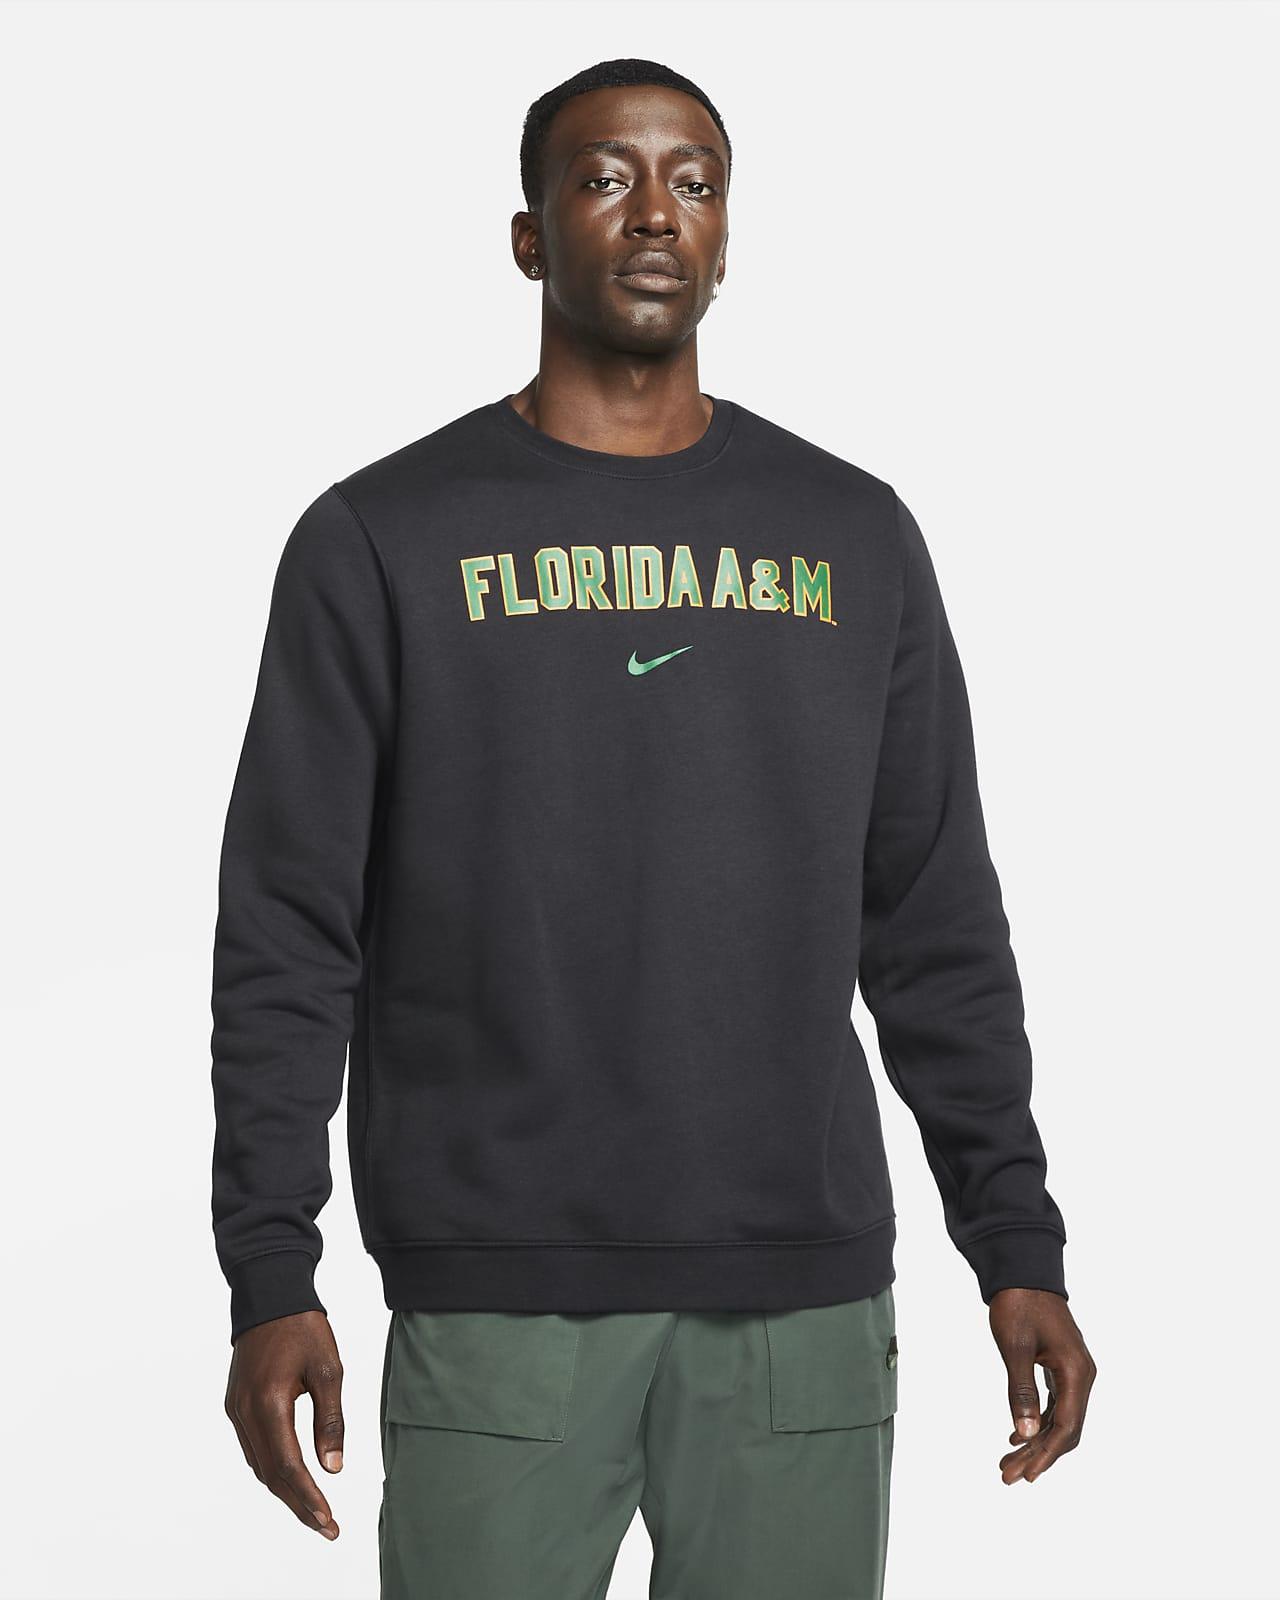 Nike College Club Fleece (FAMU) Crew Sweatshirt